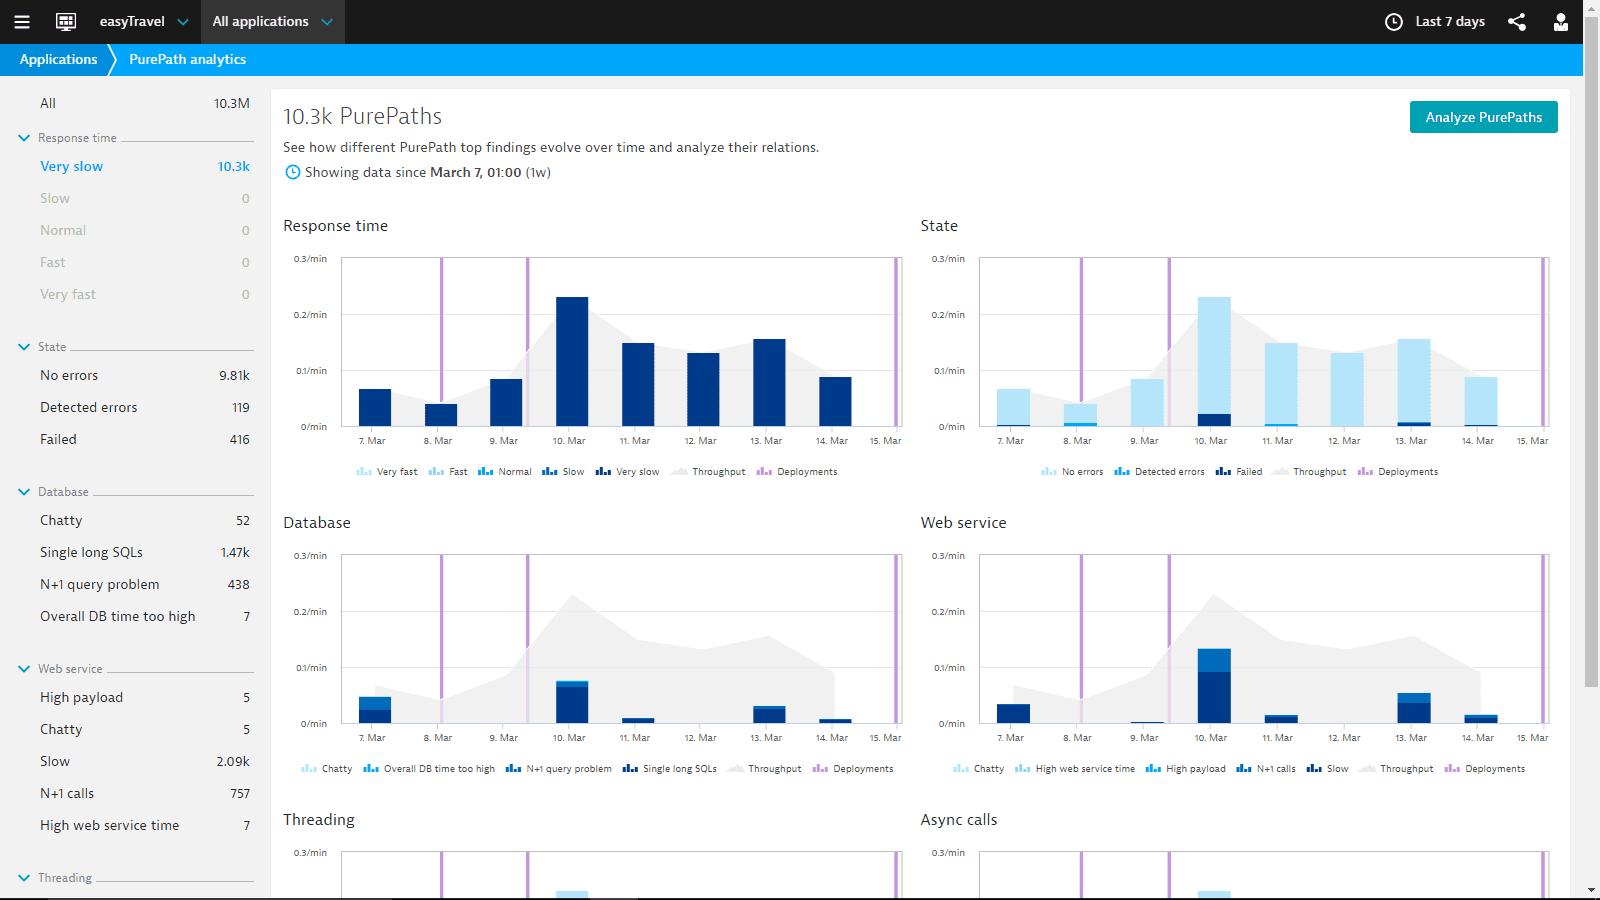 PurePath analytics